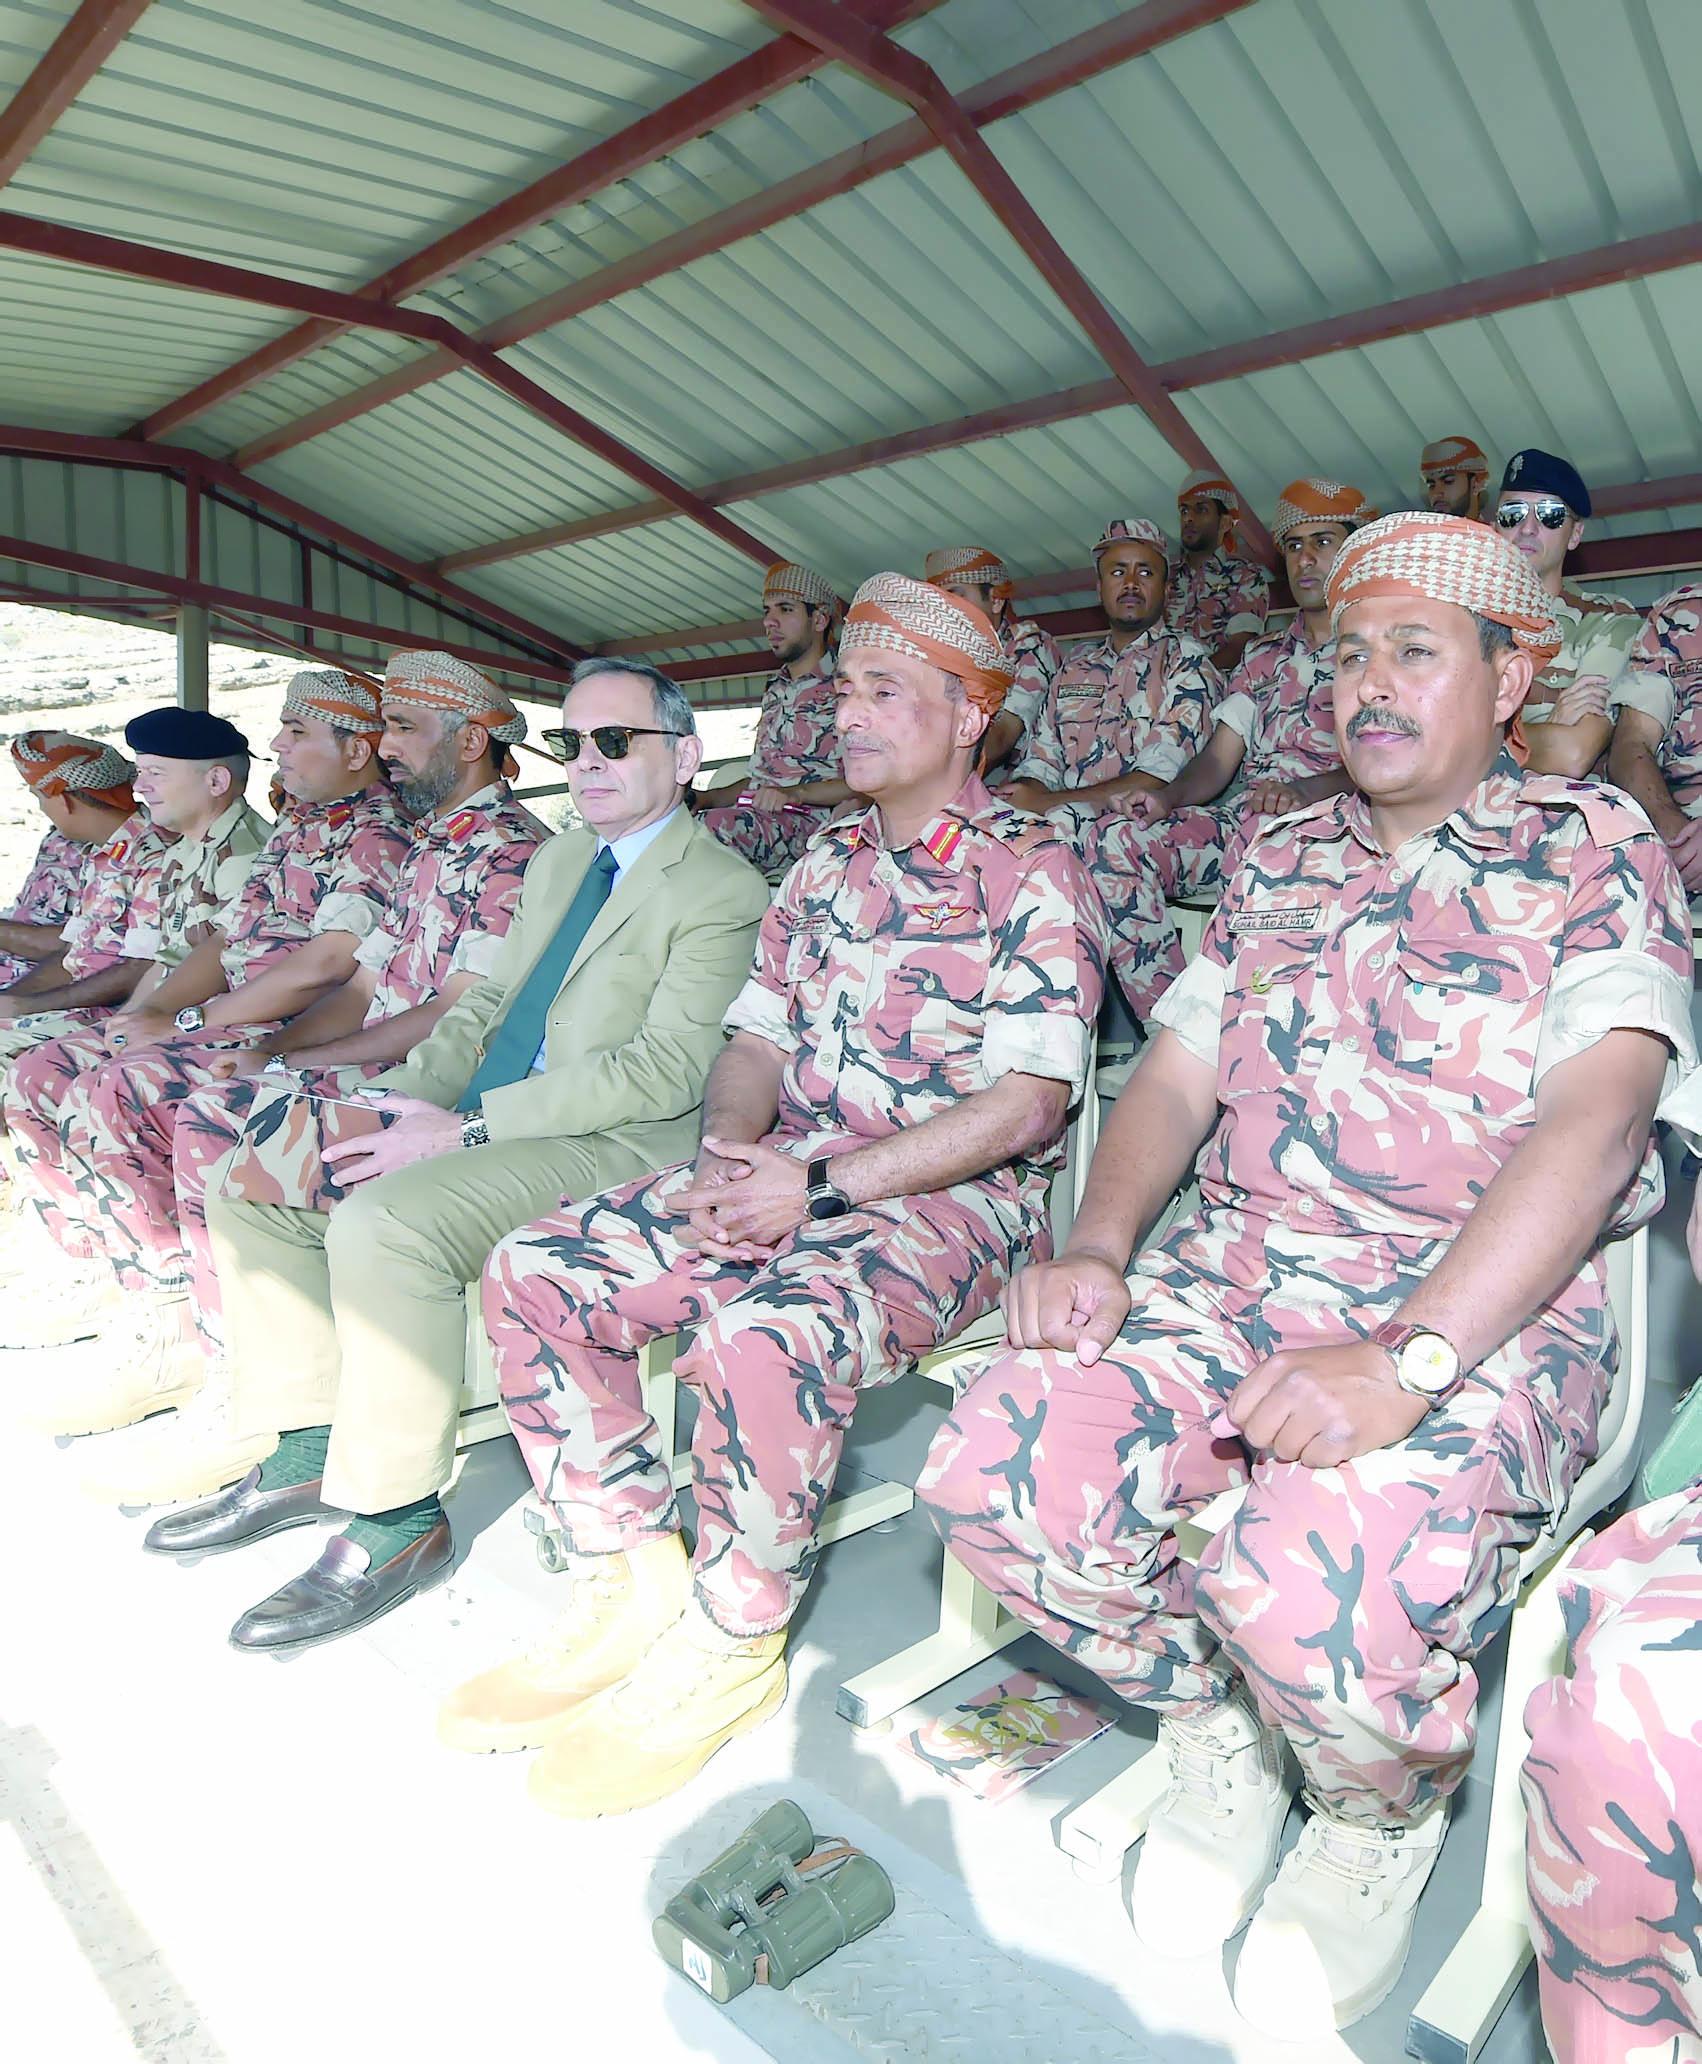 تمرين مشترك بين الجيش السلطاني ووحدات من القوات المسلحة الفرنسية